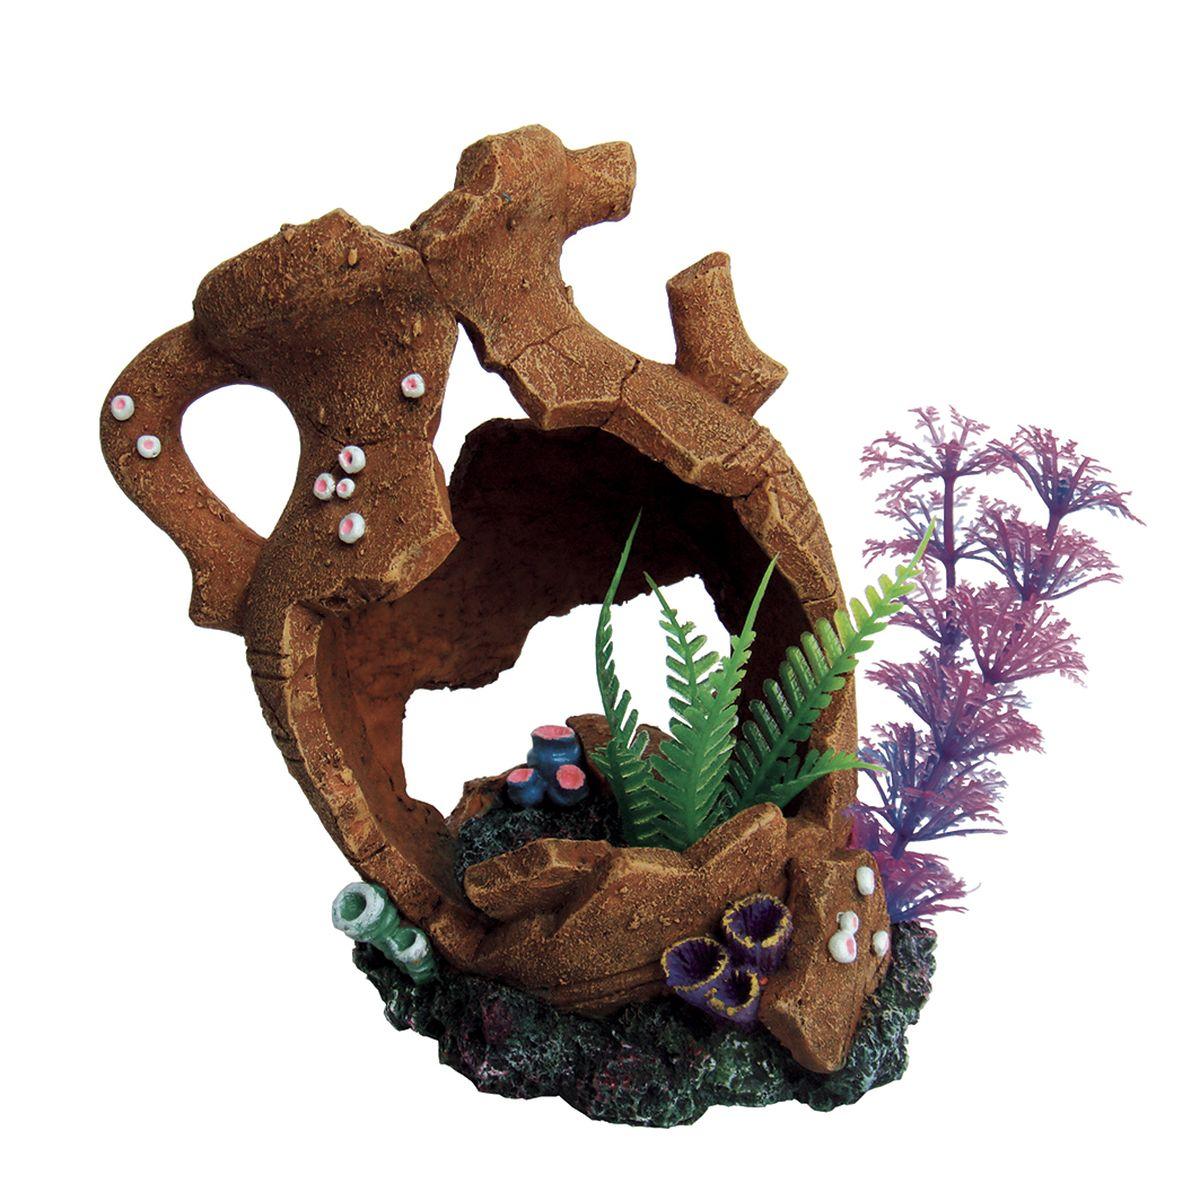 Декорация для аквариума ArtUniq Разбитый кувшин с растениями, 18,5 x 10,5 x 15,5 см декорация для аквариума artuniq пористый камень 20 5 x 10 5 x 18 8 см